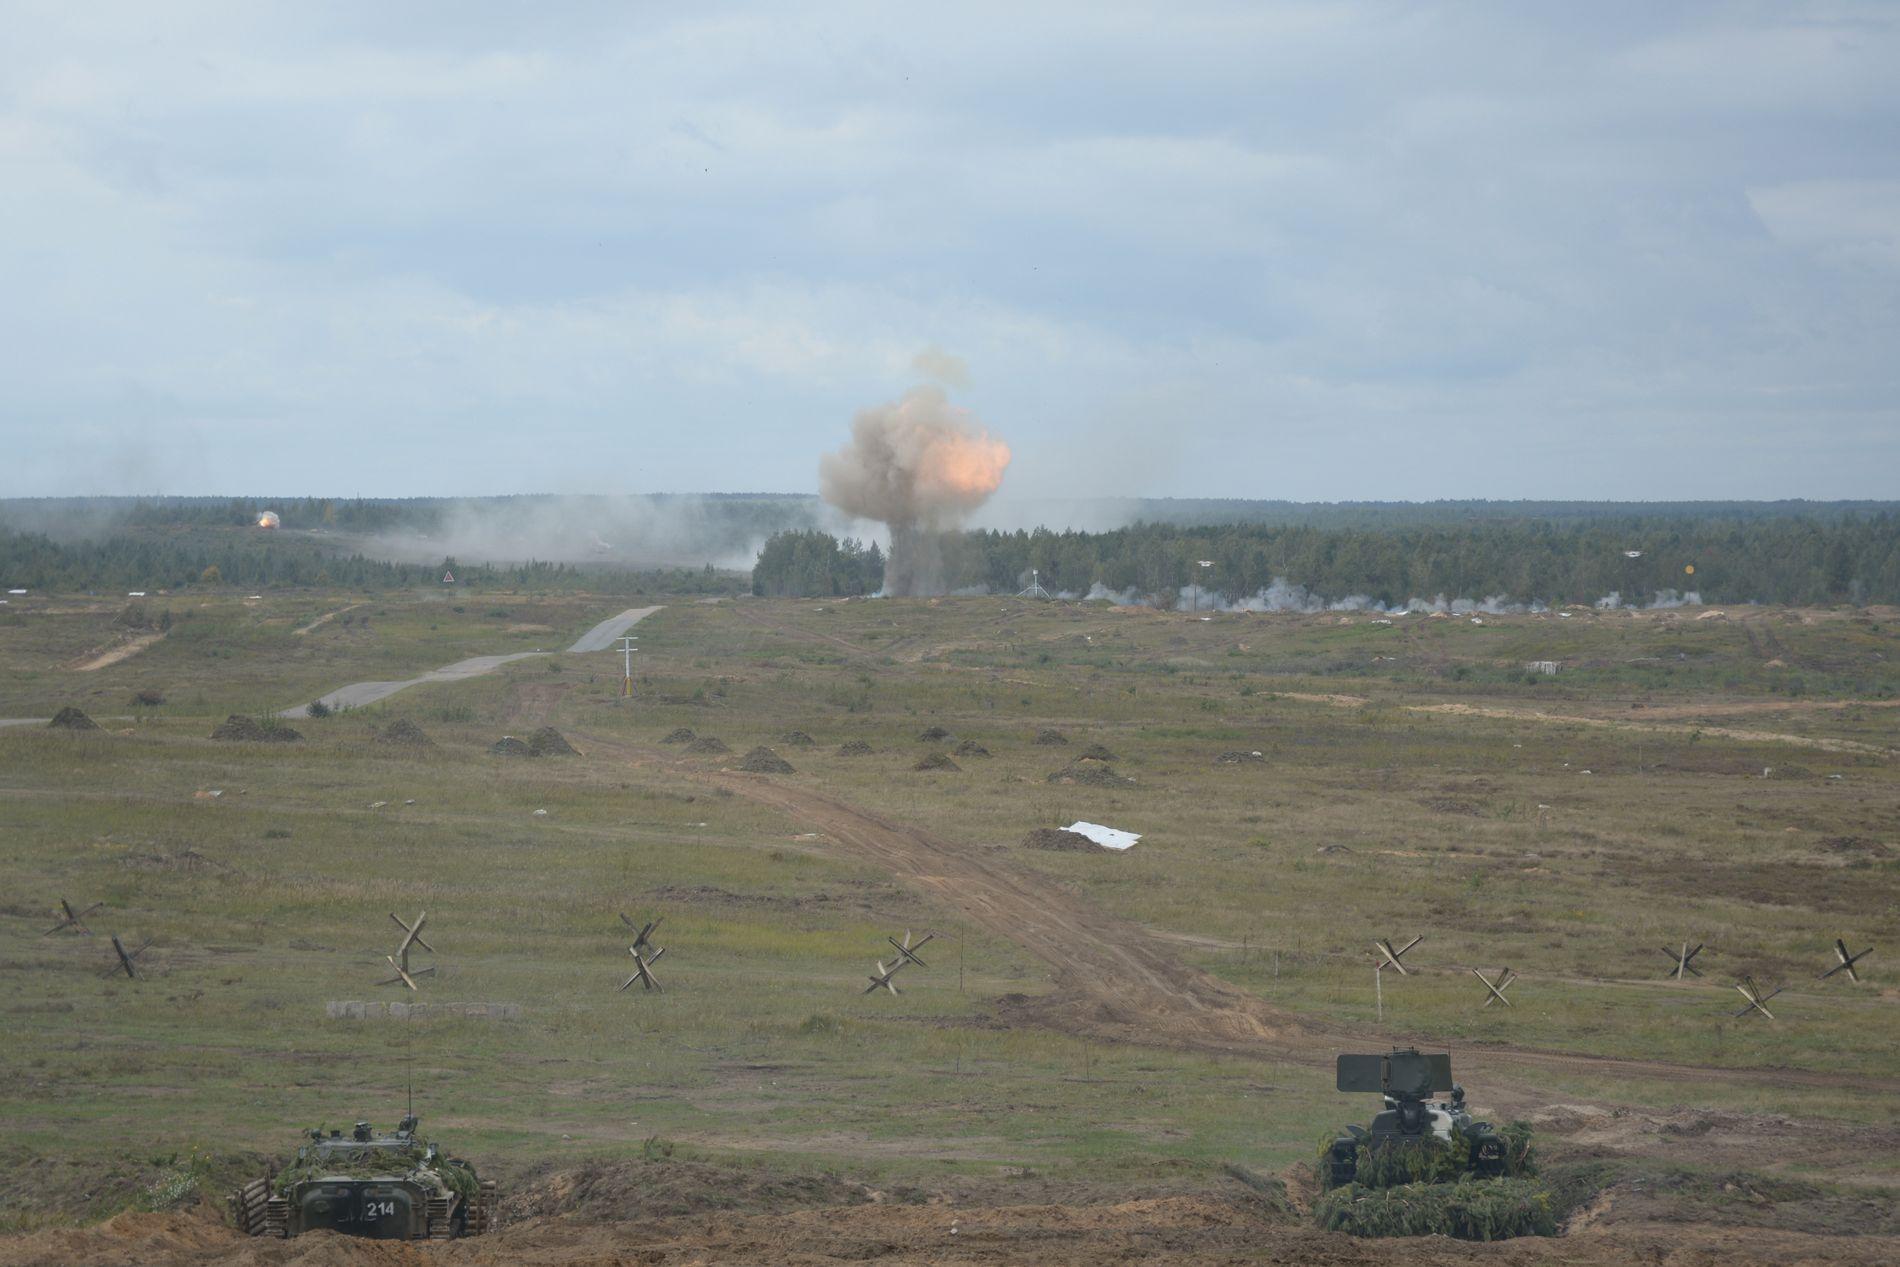 ANGRIPER: Pansrede militærkjøretøy skyter på et ukjent sted under Zapad øvelsen i Hviterussland 14. september 2017.